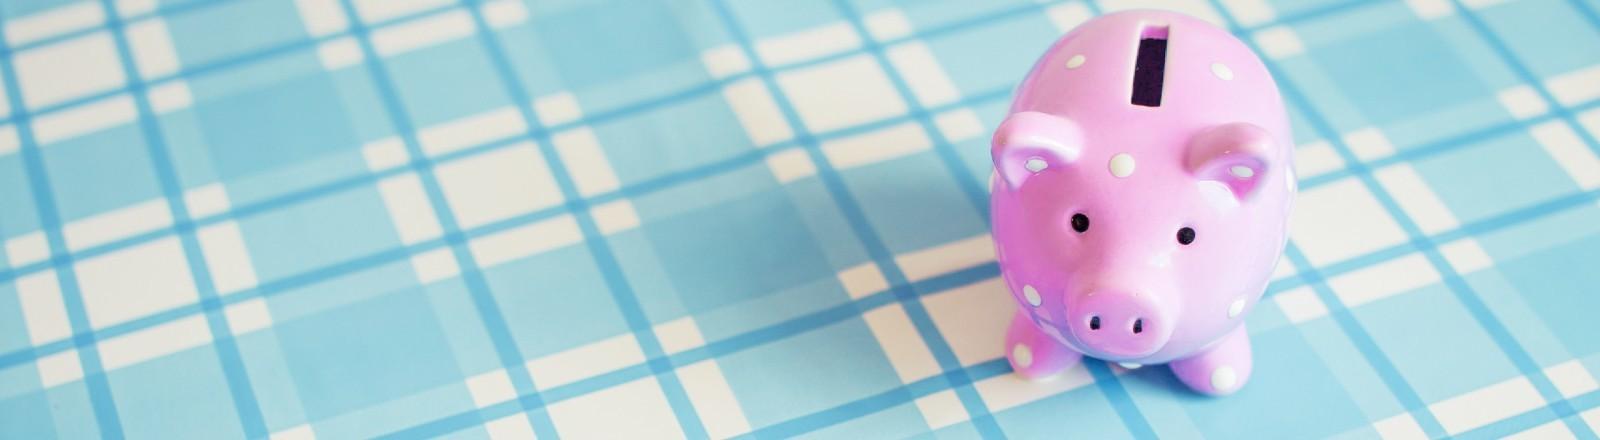 Ein rosé Sparschwein auf einer hellblauen Tischdecke